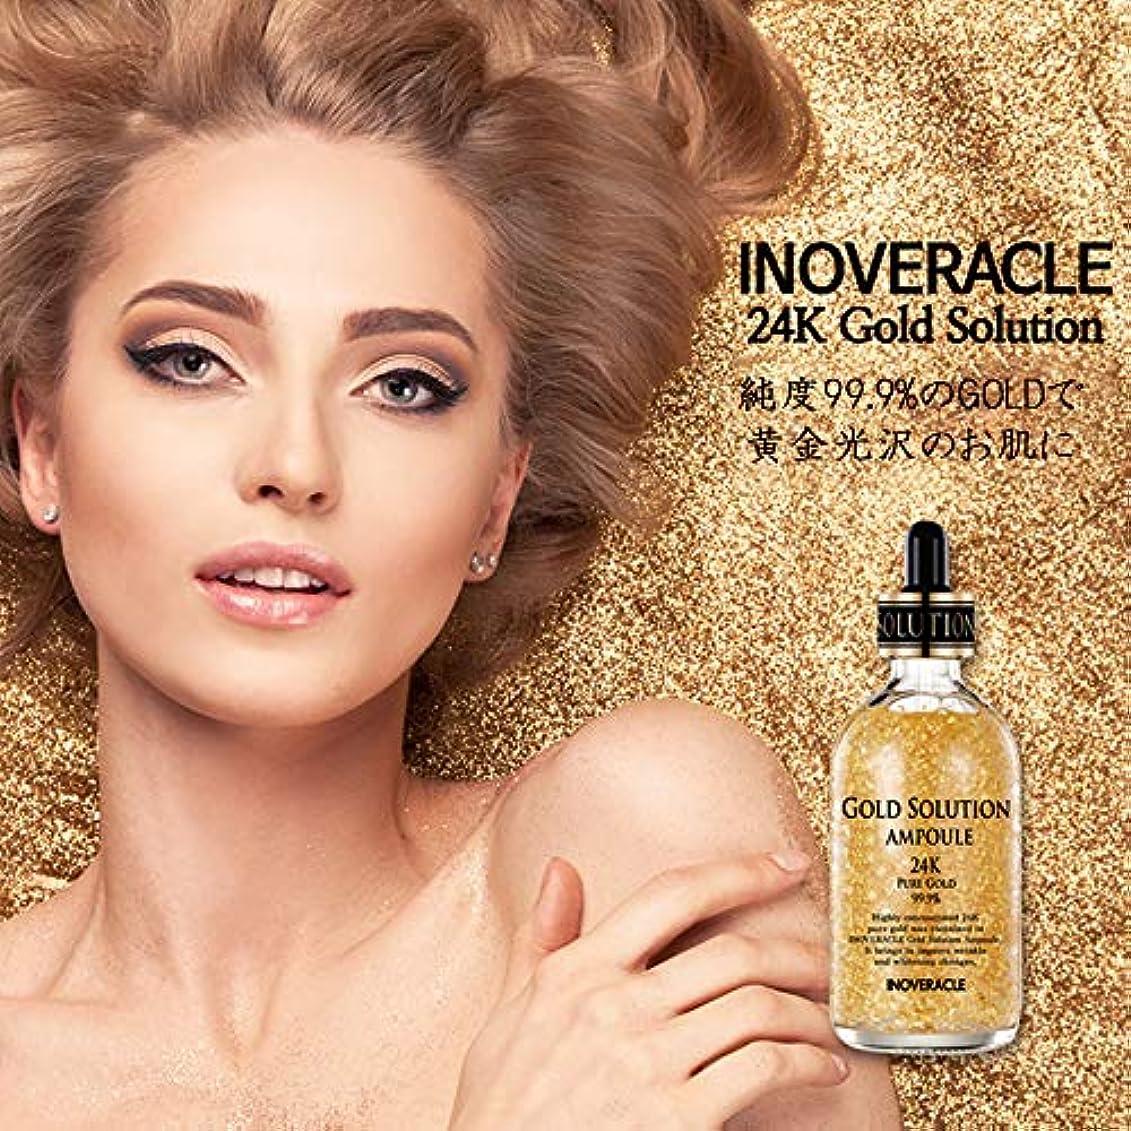 金銭的な優雅な聡明INOVERACLE GOLD SOLUTION AMPOULE 24K 99.9% 純金 アンプル 100ml 美容液 スキンケア 韓国化粧品 光沢お肌 美白美容液